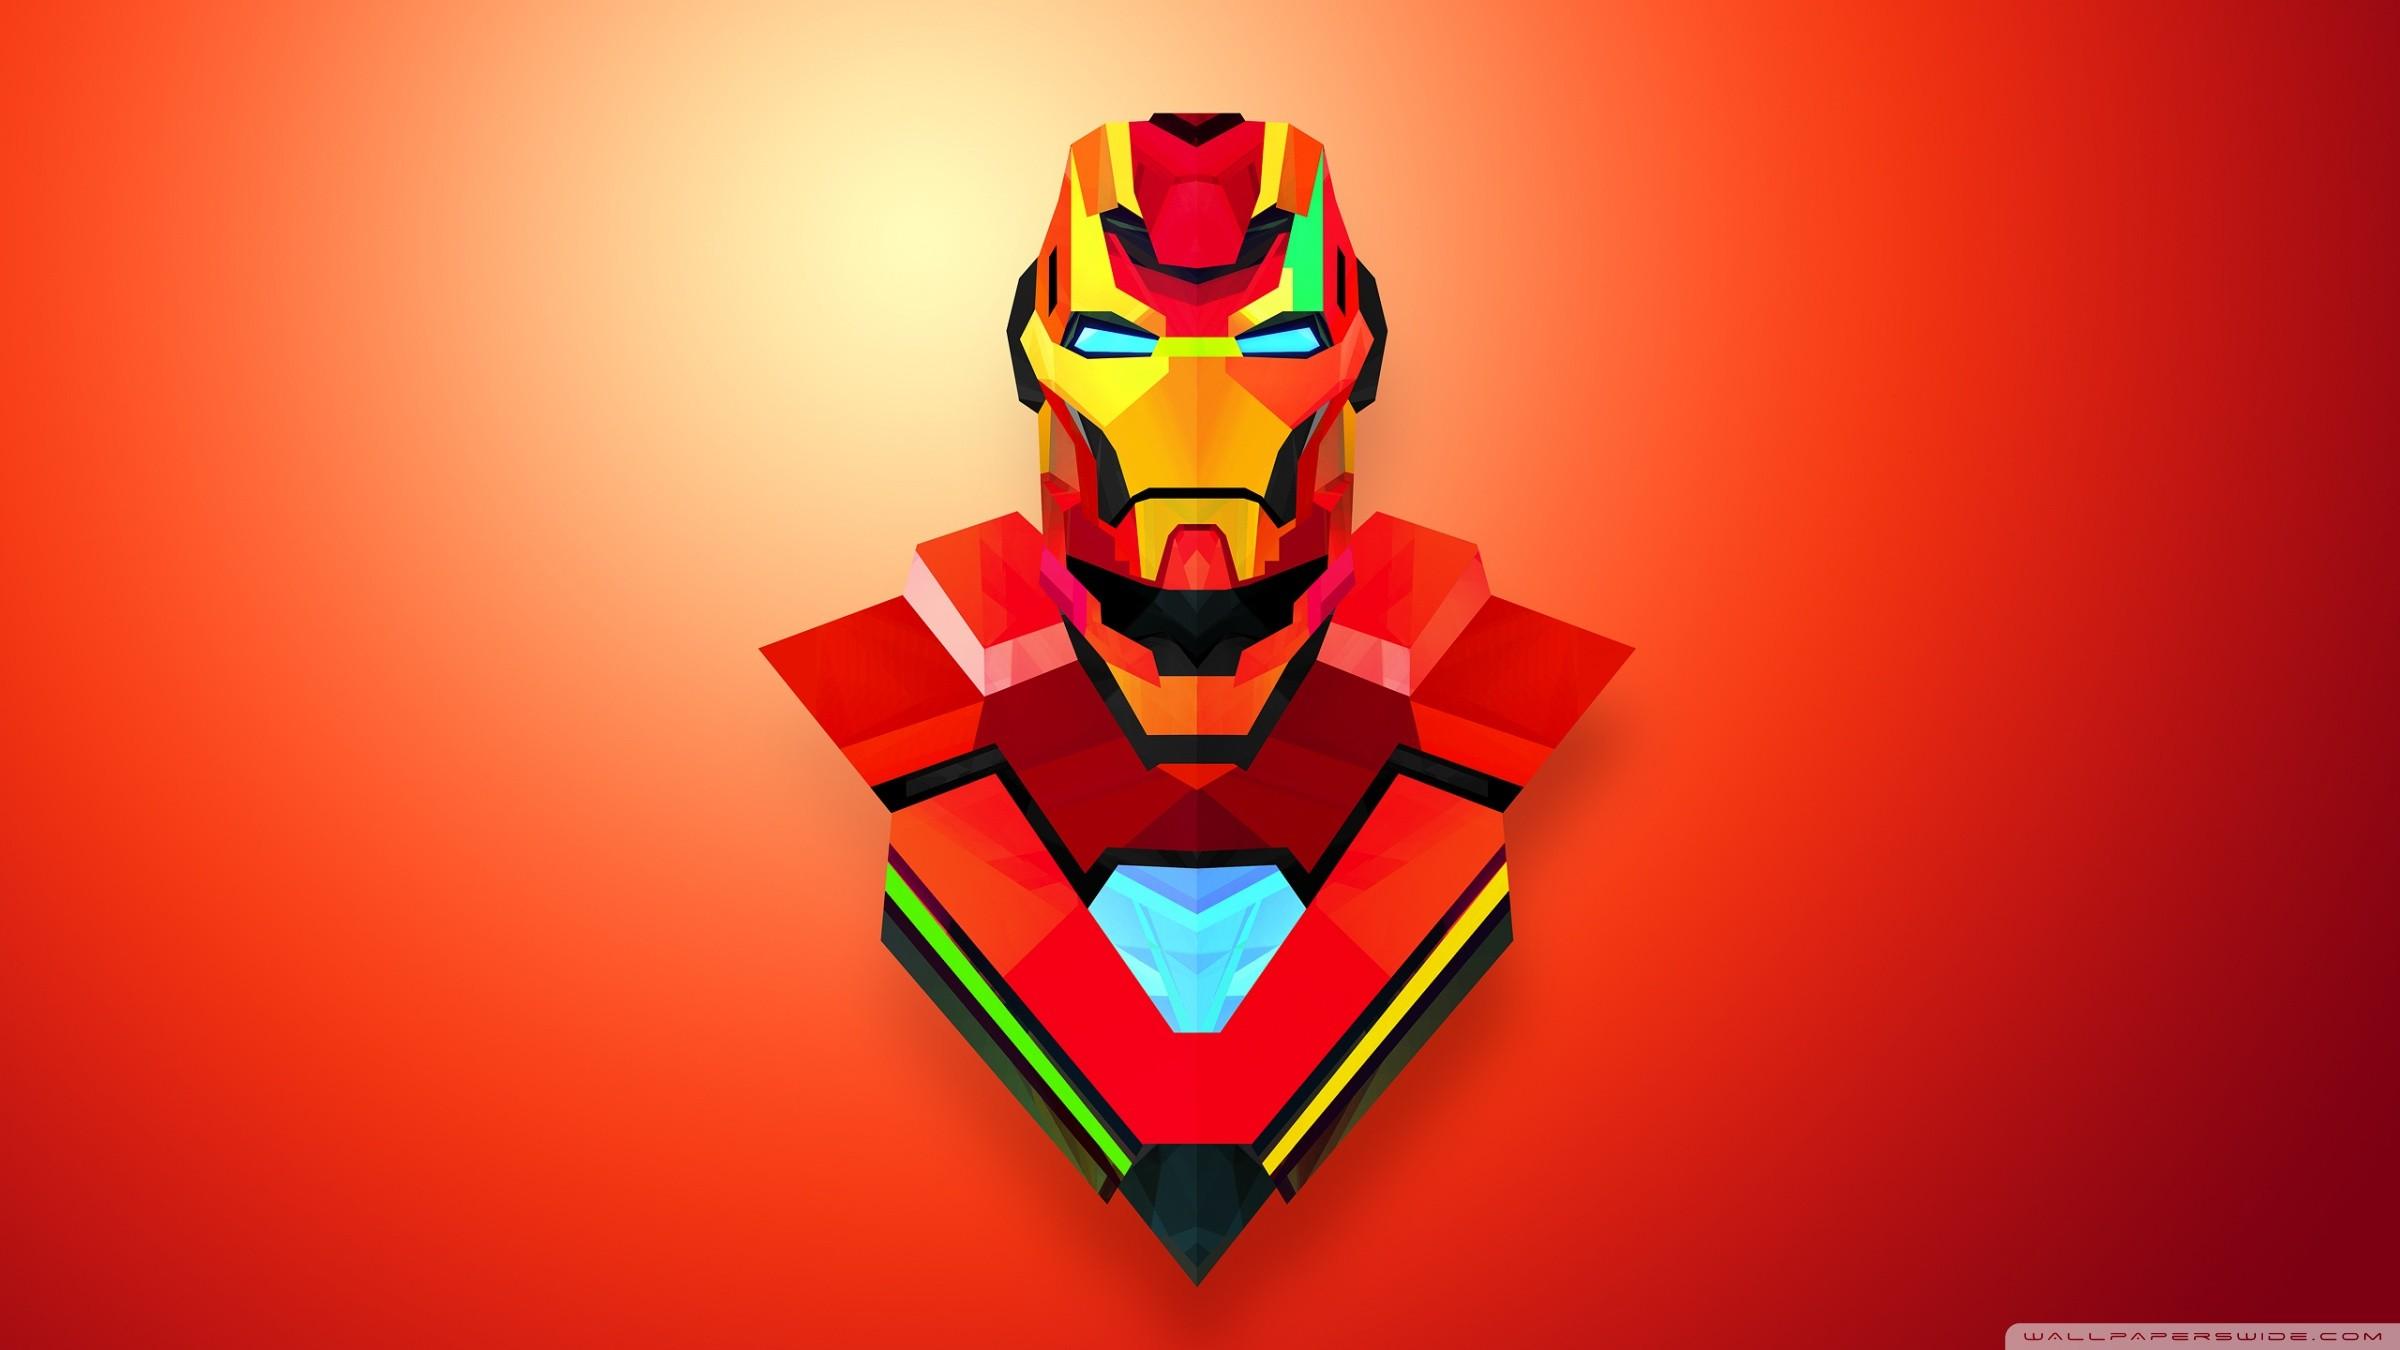 superhero wallpaper 62 images